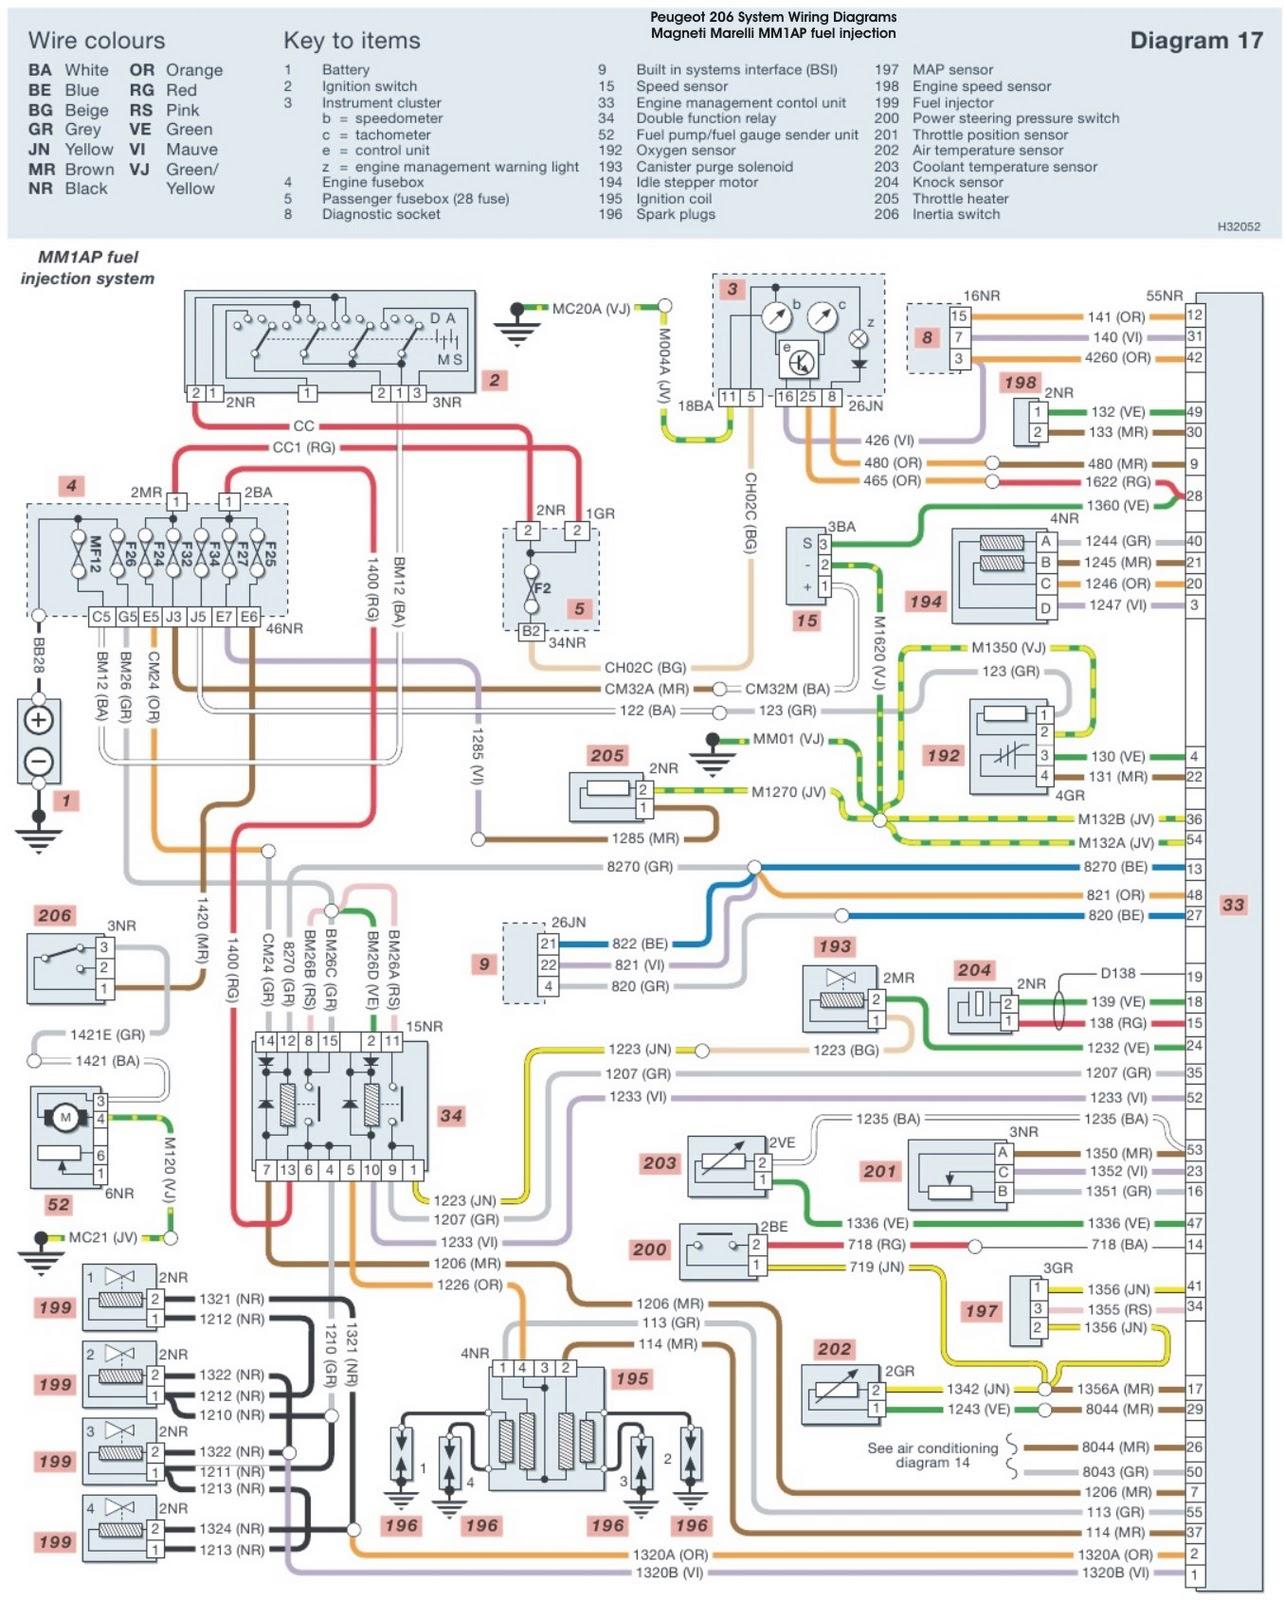 Air Conditioner Wiring Diagram Pdf Peugeot Ac Wiring Diagrams Wiring Diagram Img